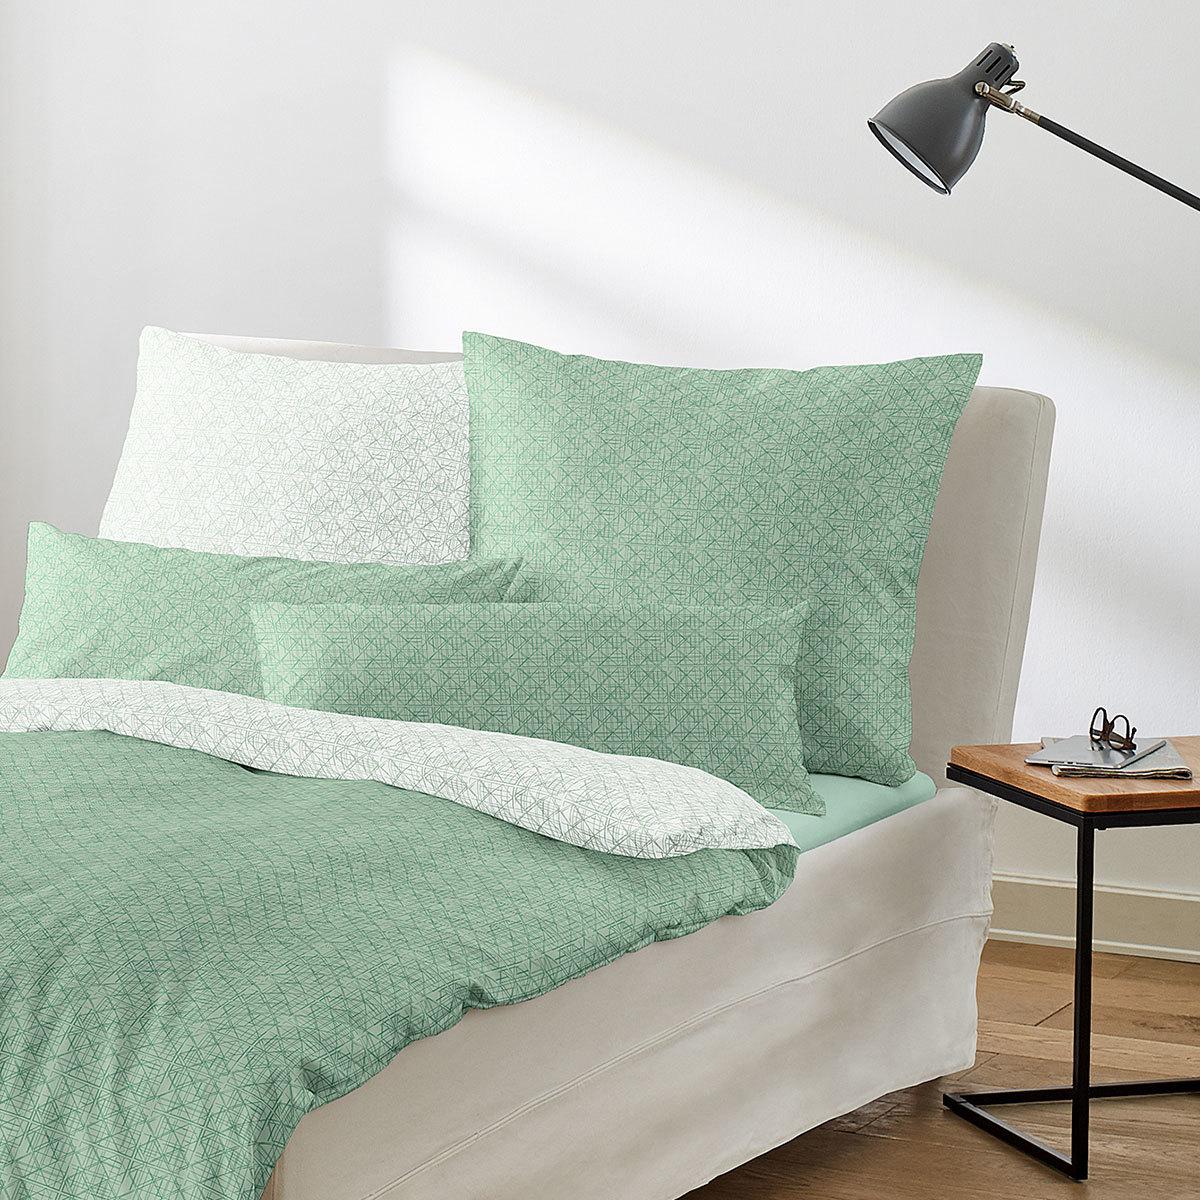 irisette bio bettw sche pine 8743 30 g nstig online kaufen bei bettwaren shop. Black Bedroom Furniture Sets. Home Design Ideas